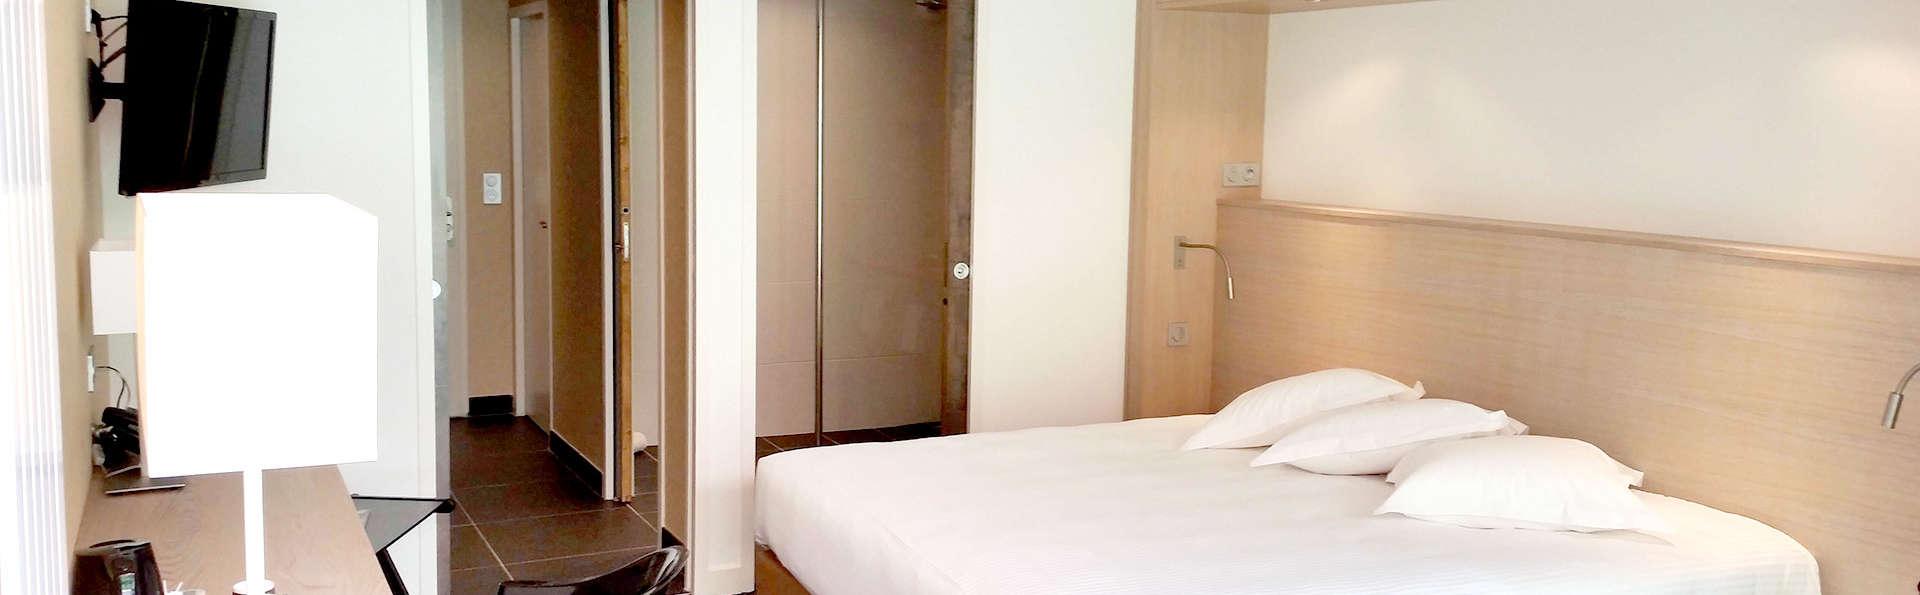 Hôtel Loire et Sens - Edit_Room3.jpg